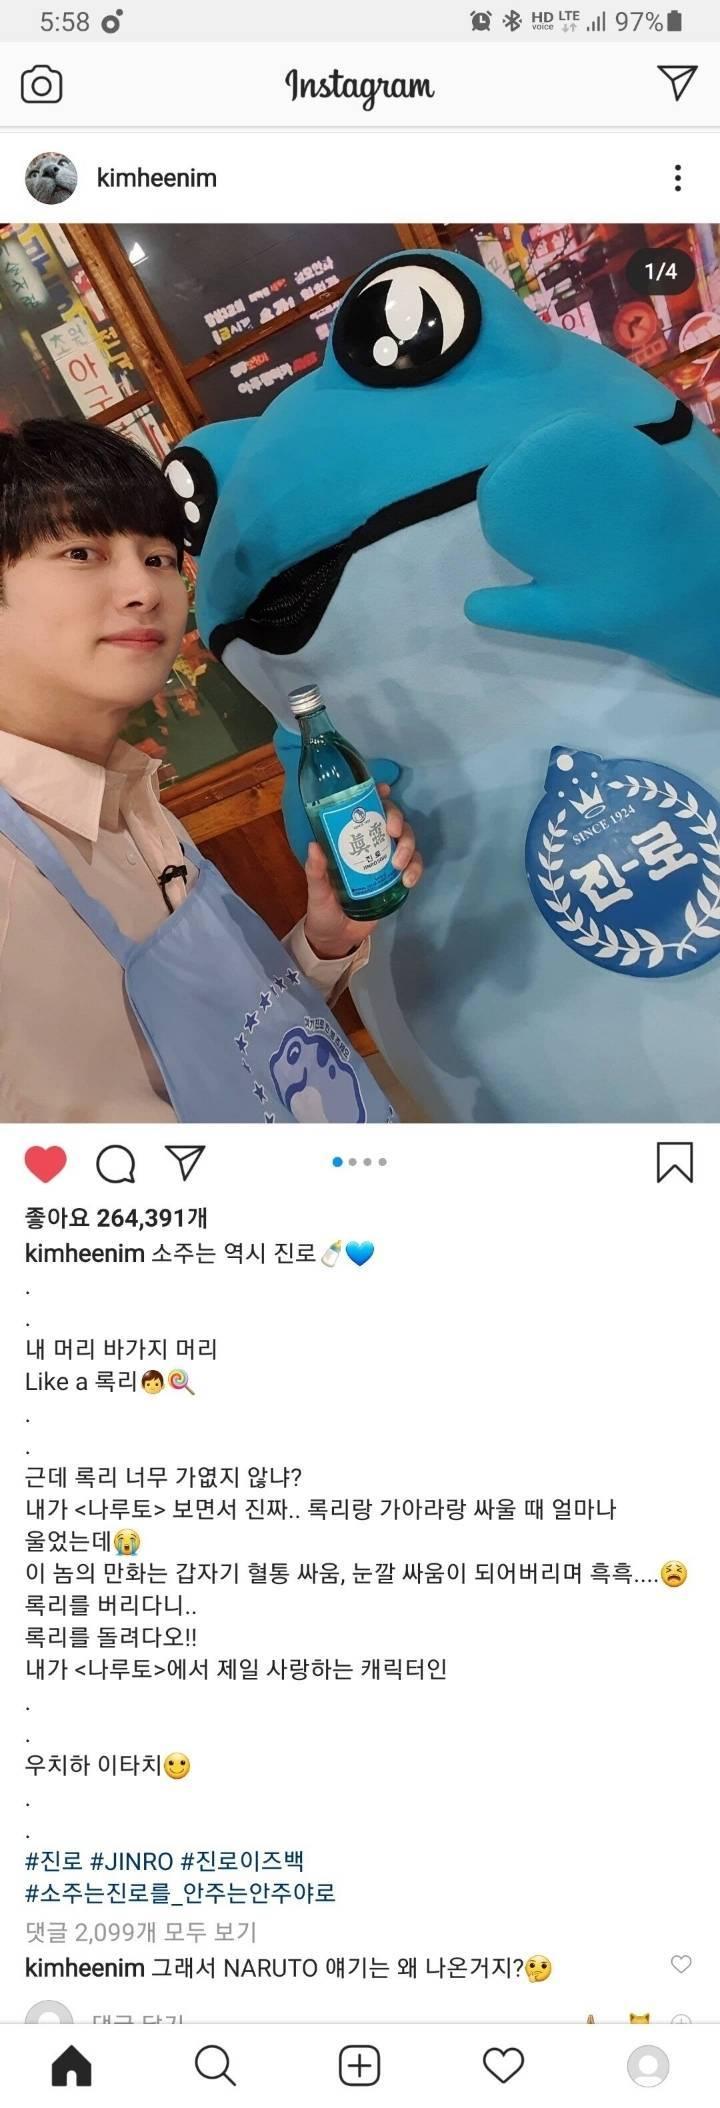 김희철 근황ㅋㅋㅋㅋㅋㅋ | 인스티즈